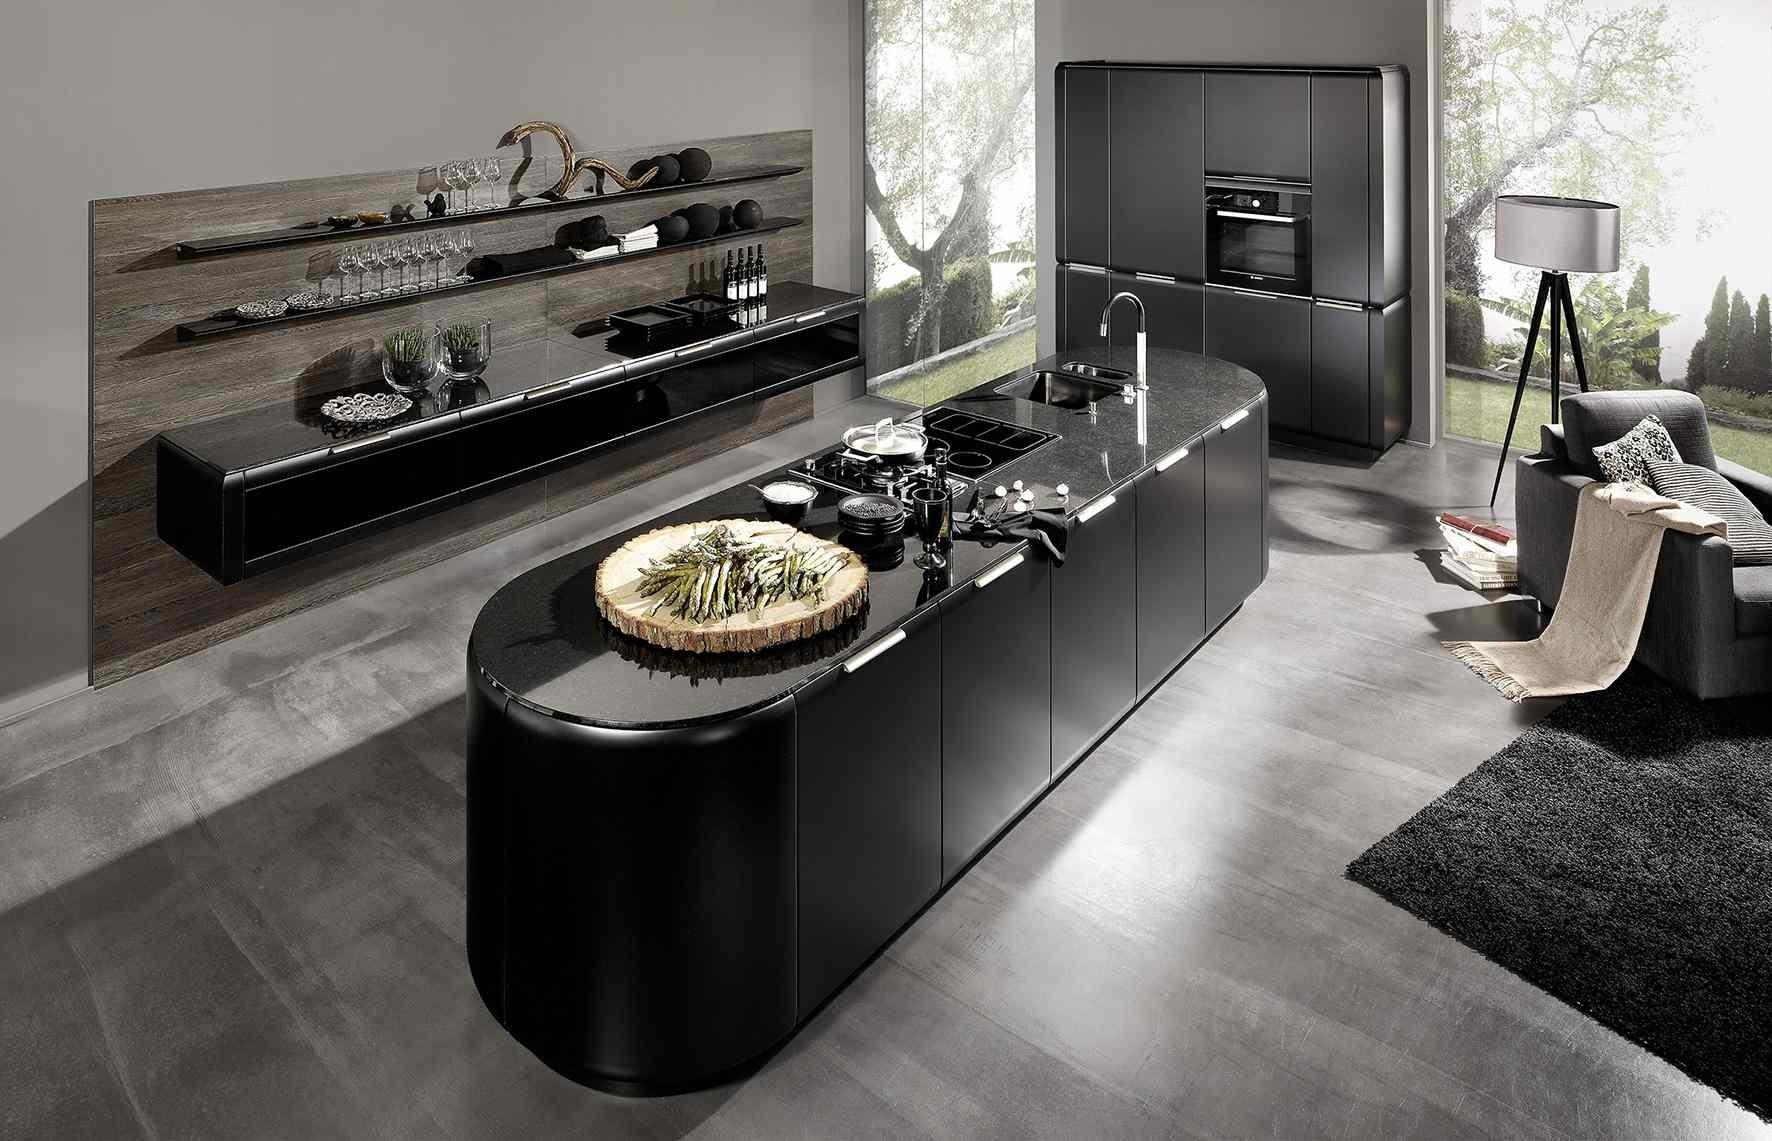 wohnzimmer mit küche | jtleigh.com - hausgestaltung ideen - Wohnzimmer Küche Zusammen